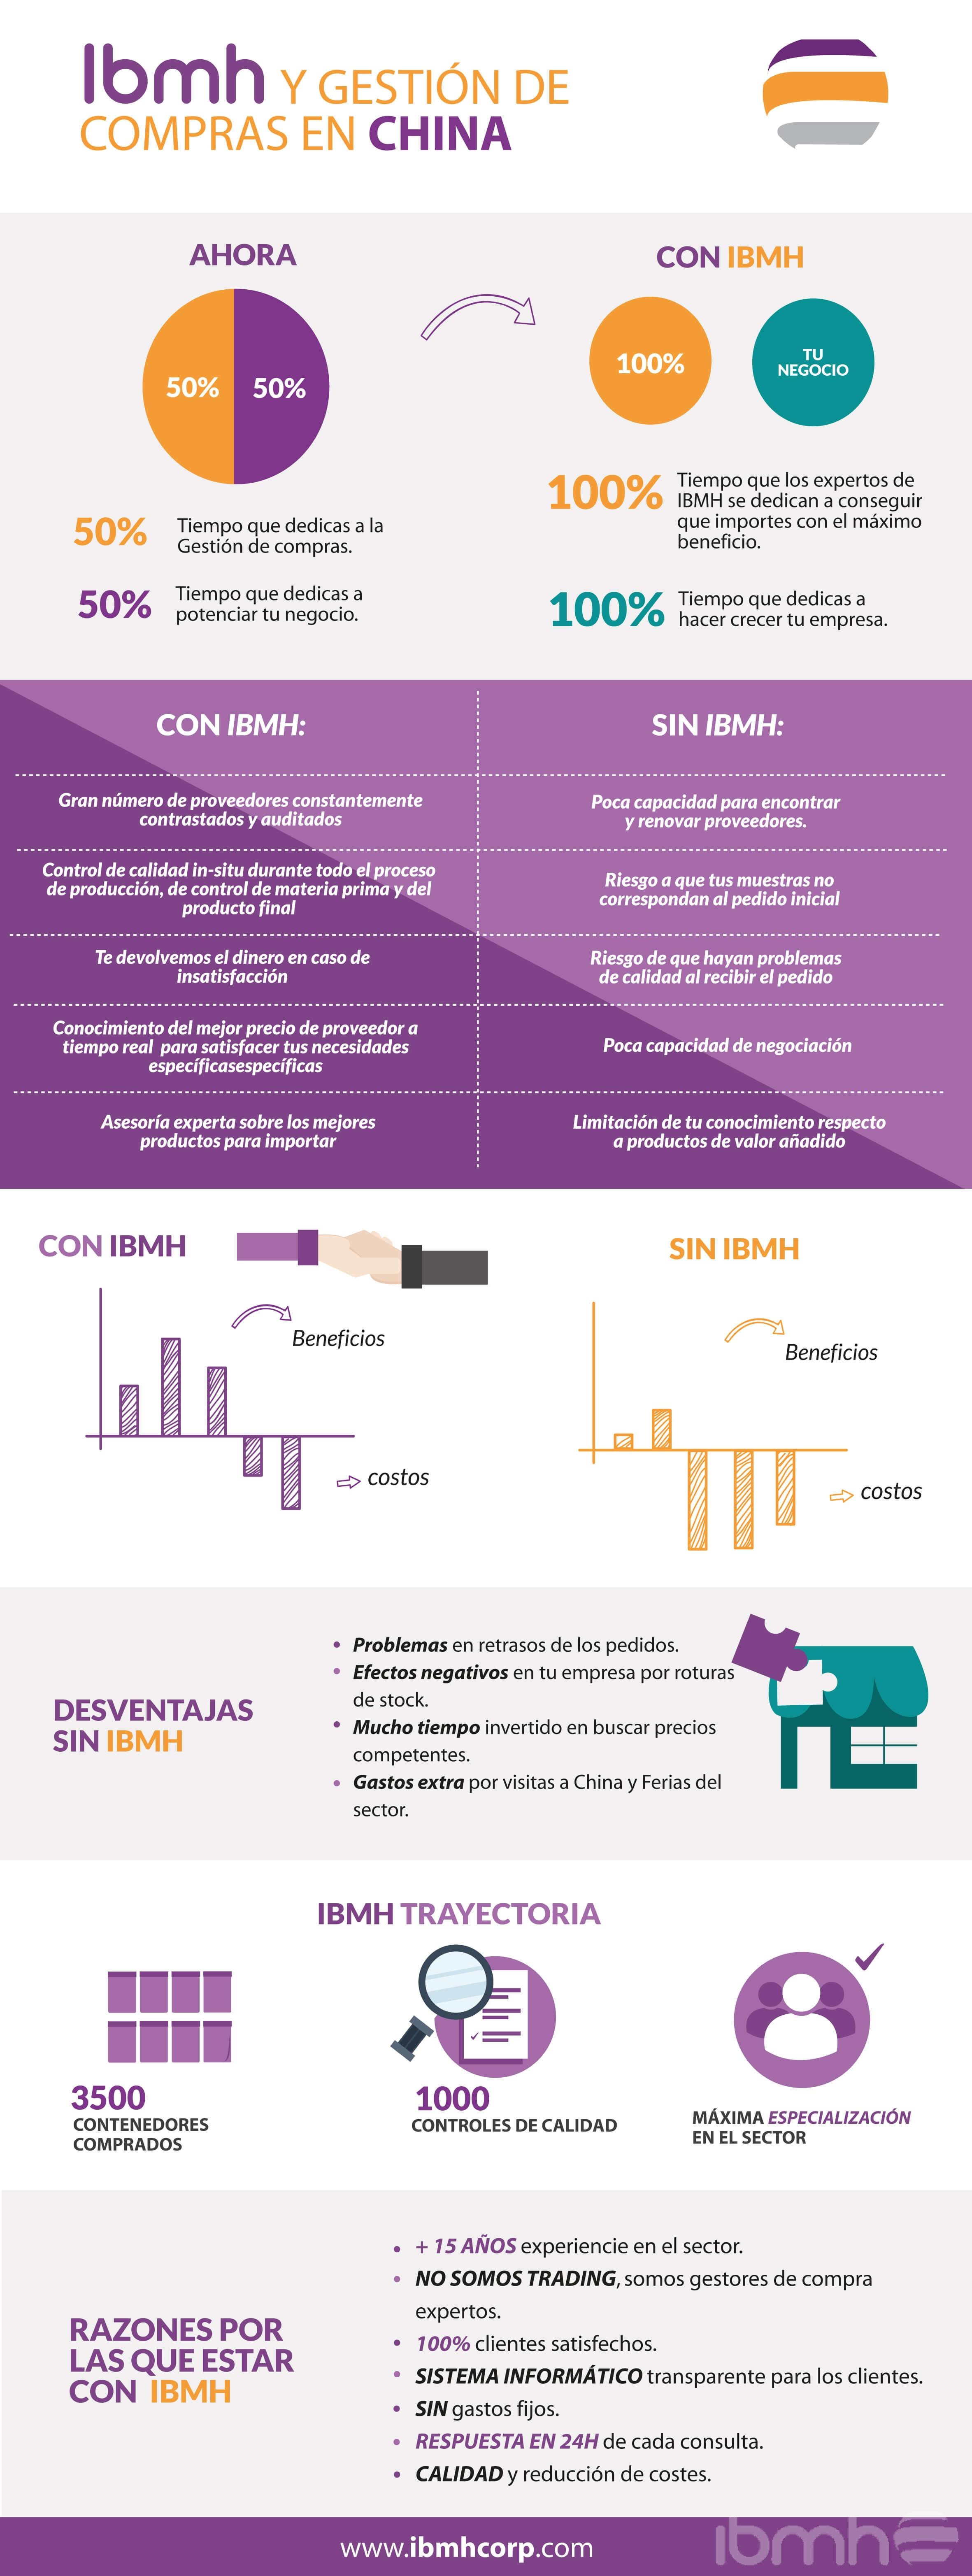 infografia ibmh